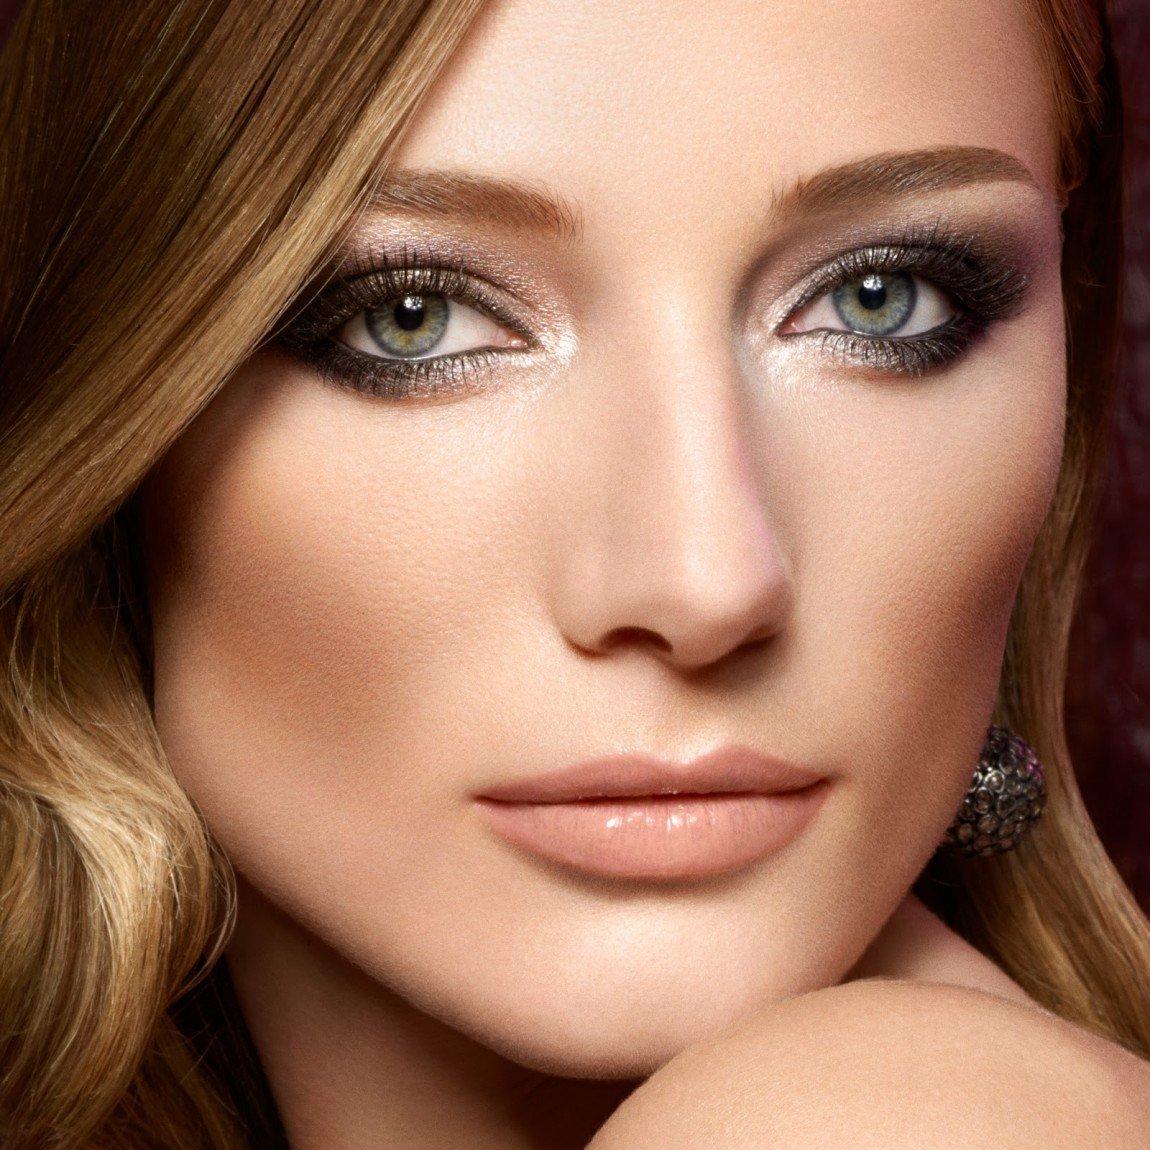 Идеальный цвет волос для зеленых глаз и светлой кожи фото